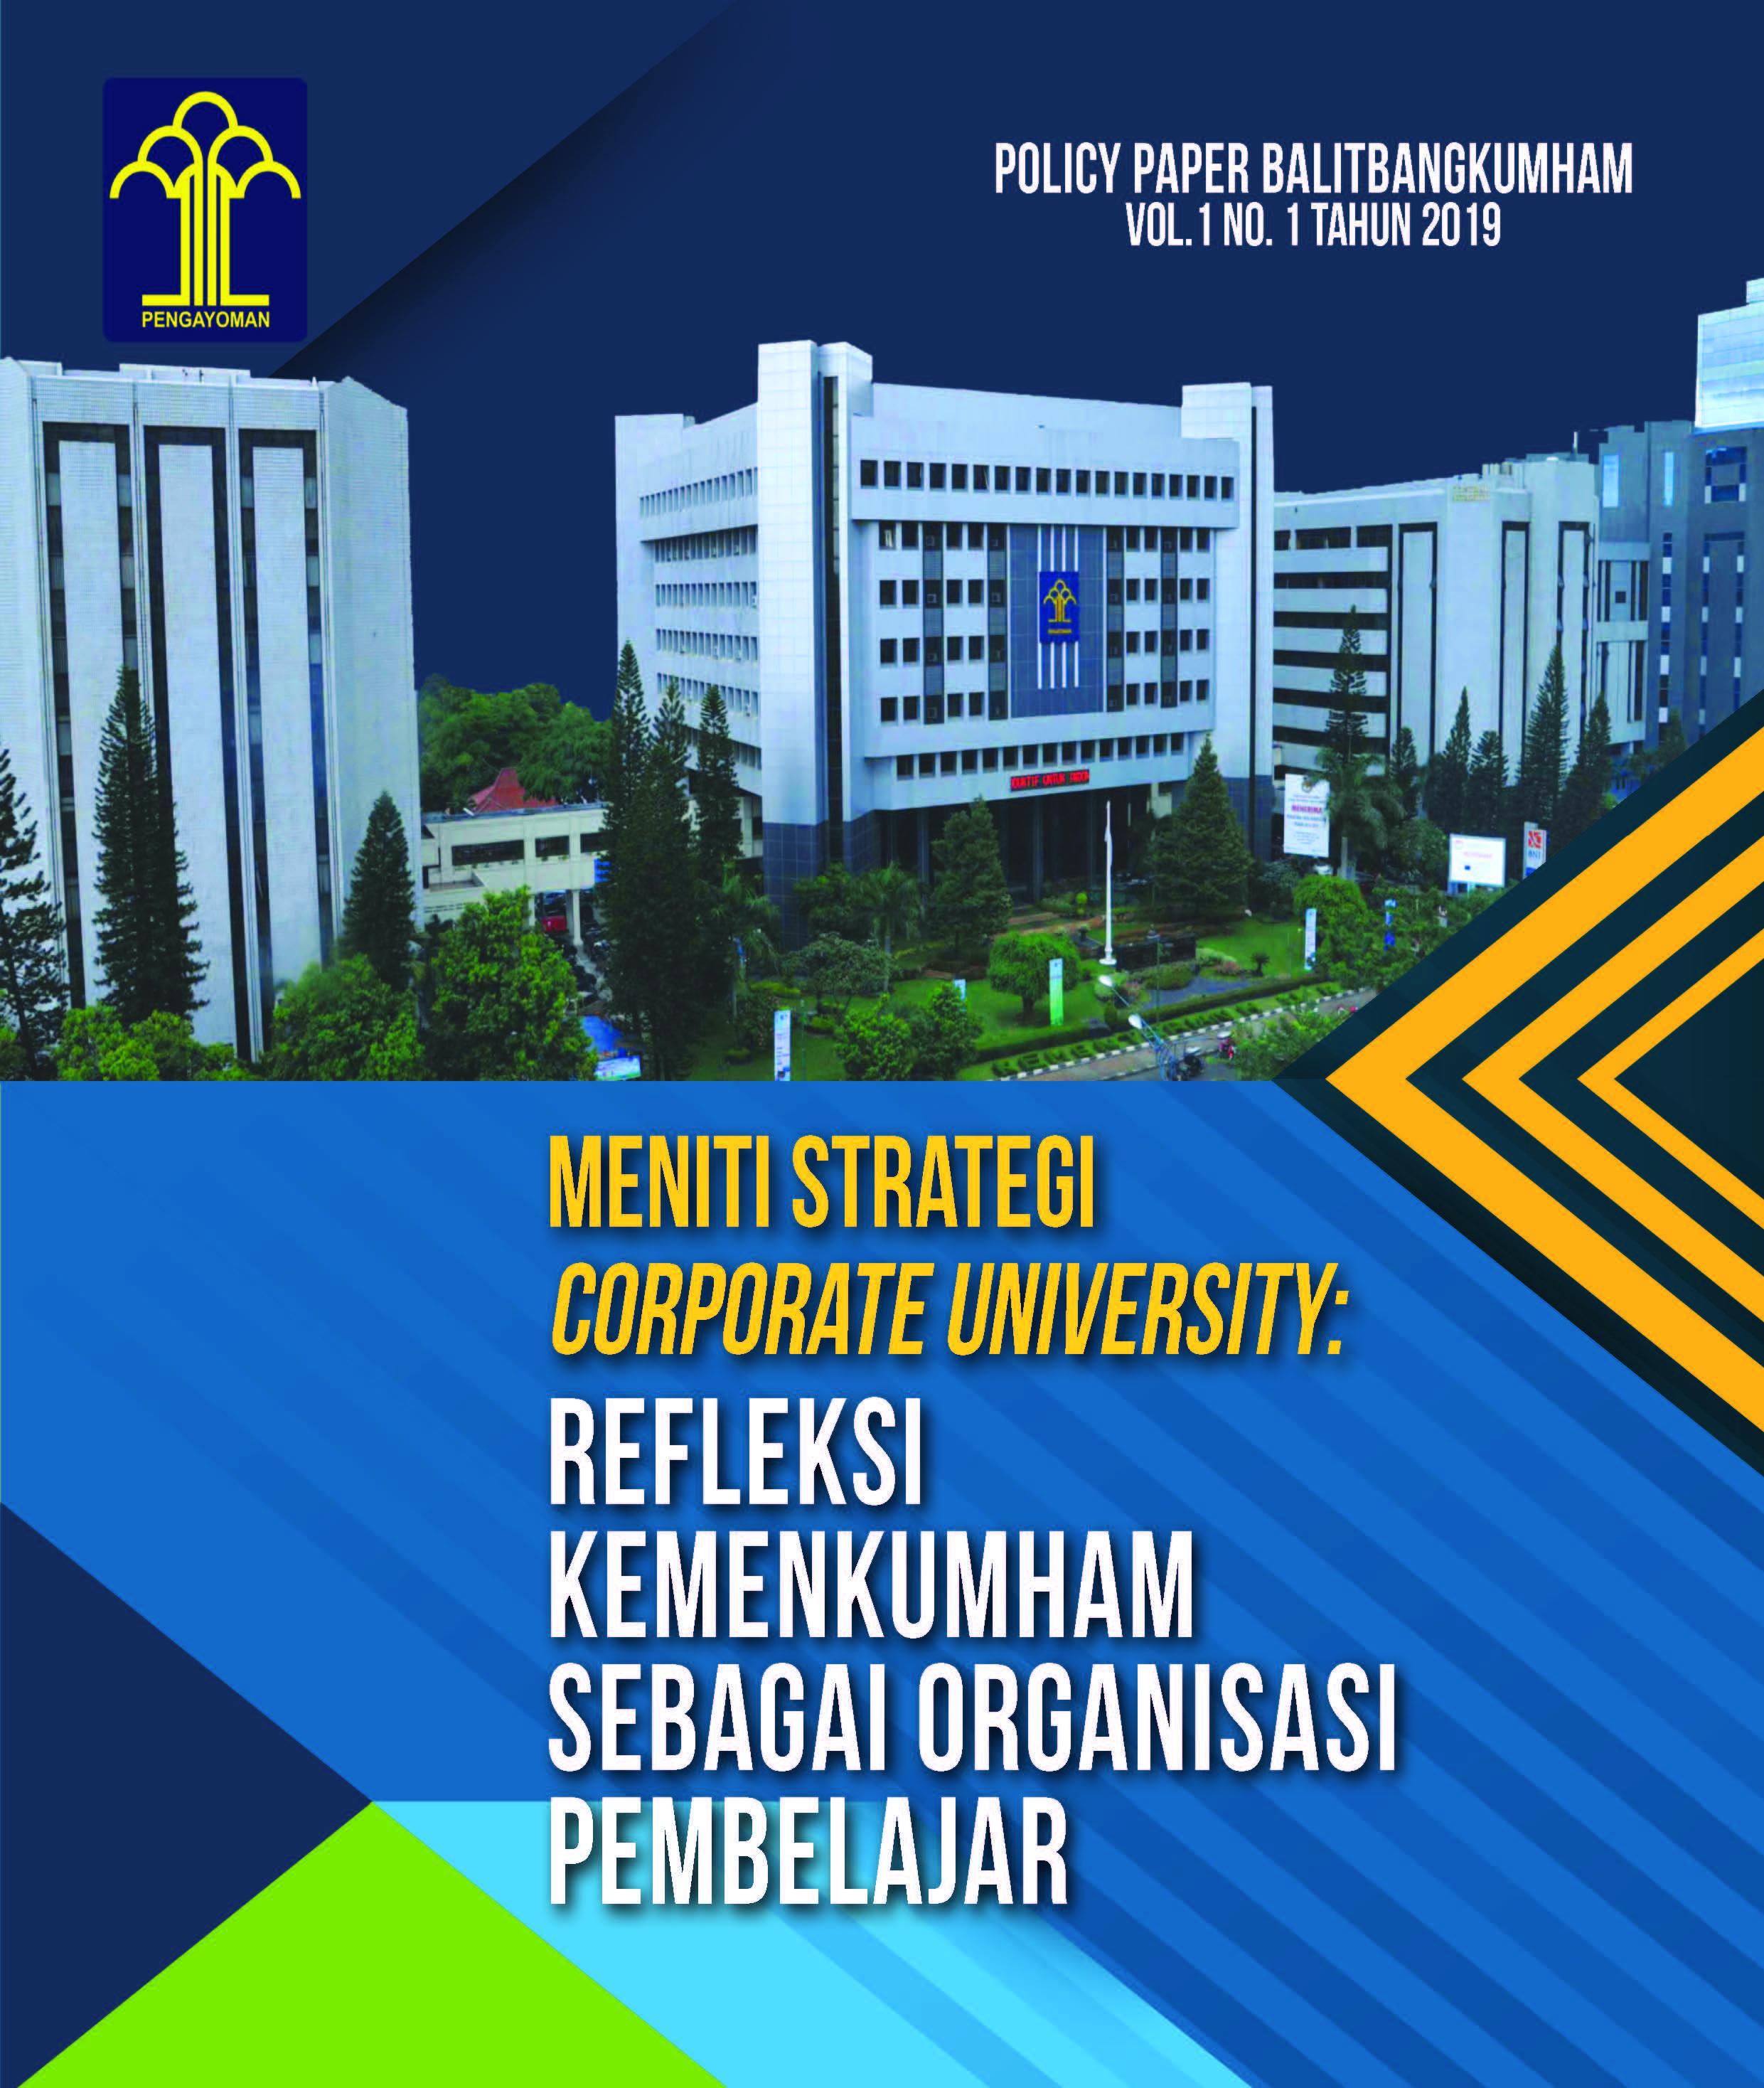 Policy Paper Meniti Strategi Corporate University: Refleksi Kemenkumham sebagai Organisasi Pembelajar